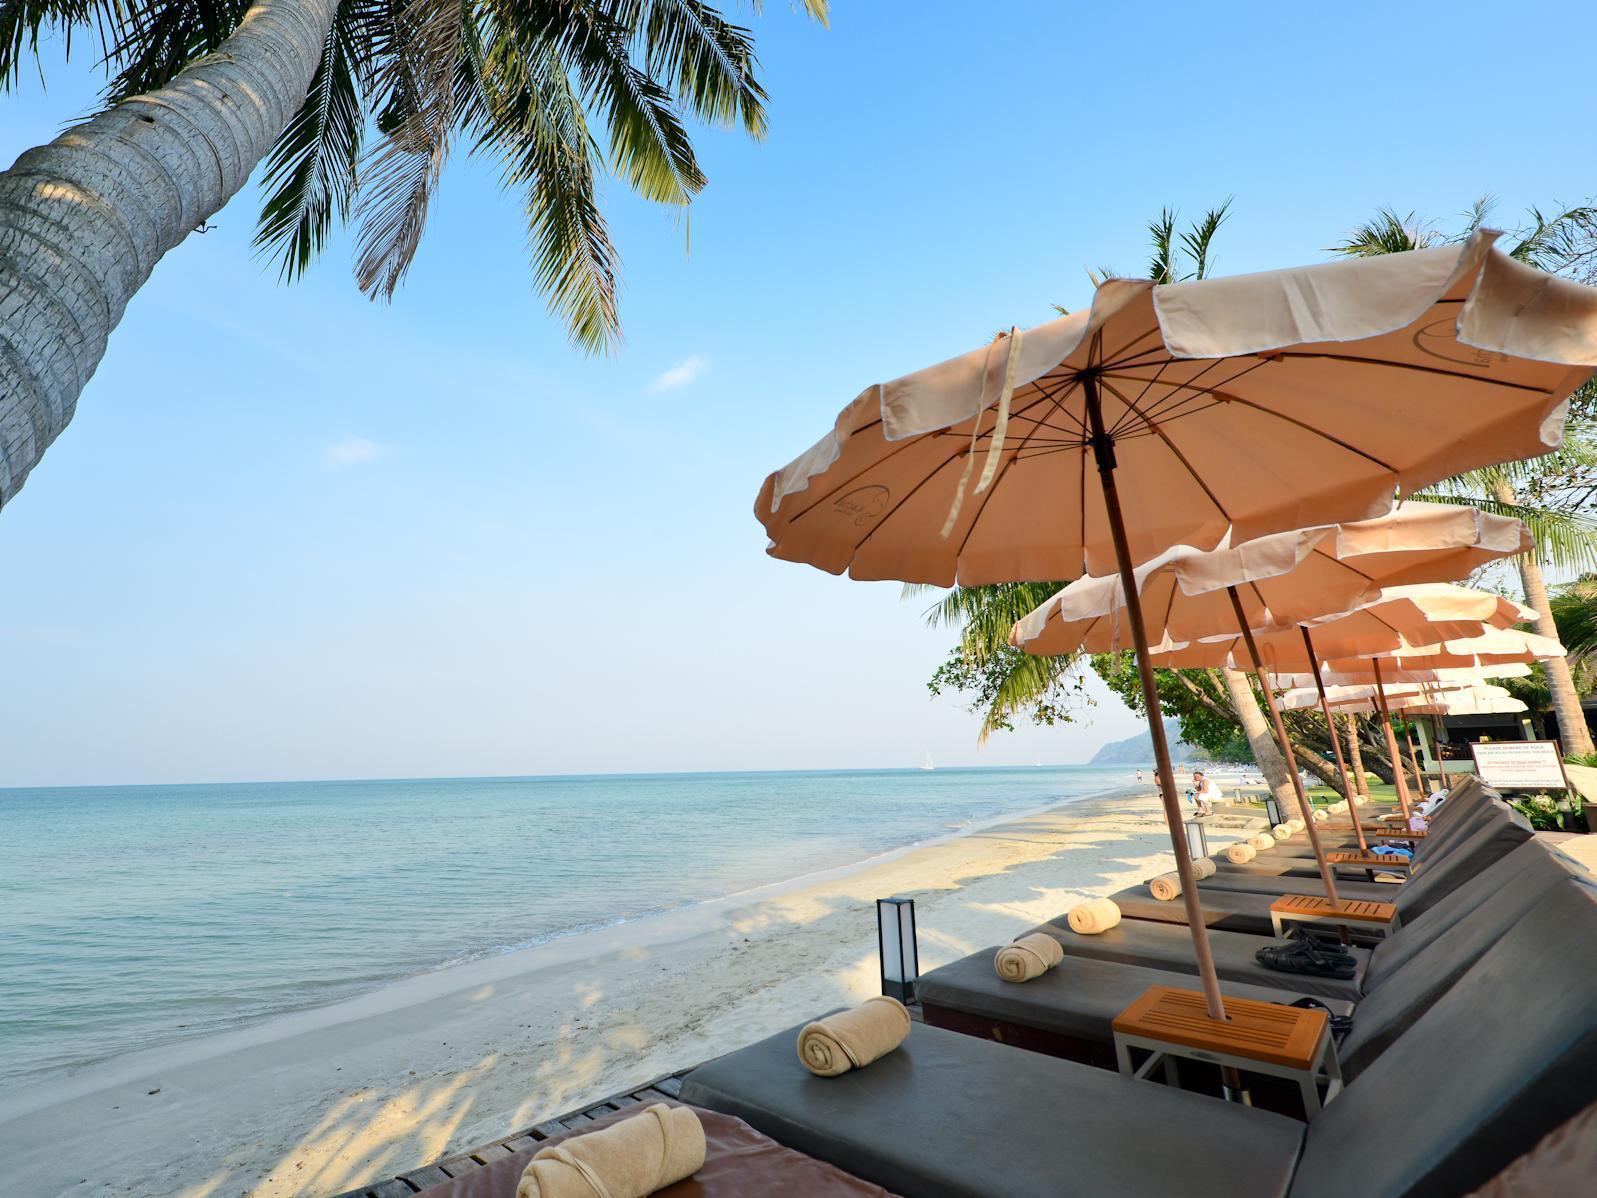 http://pix6.agoda.net/hotelImages/489/48956/48956_15082815200035285429.jpg